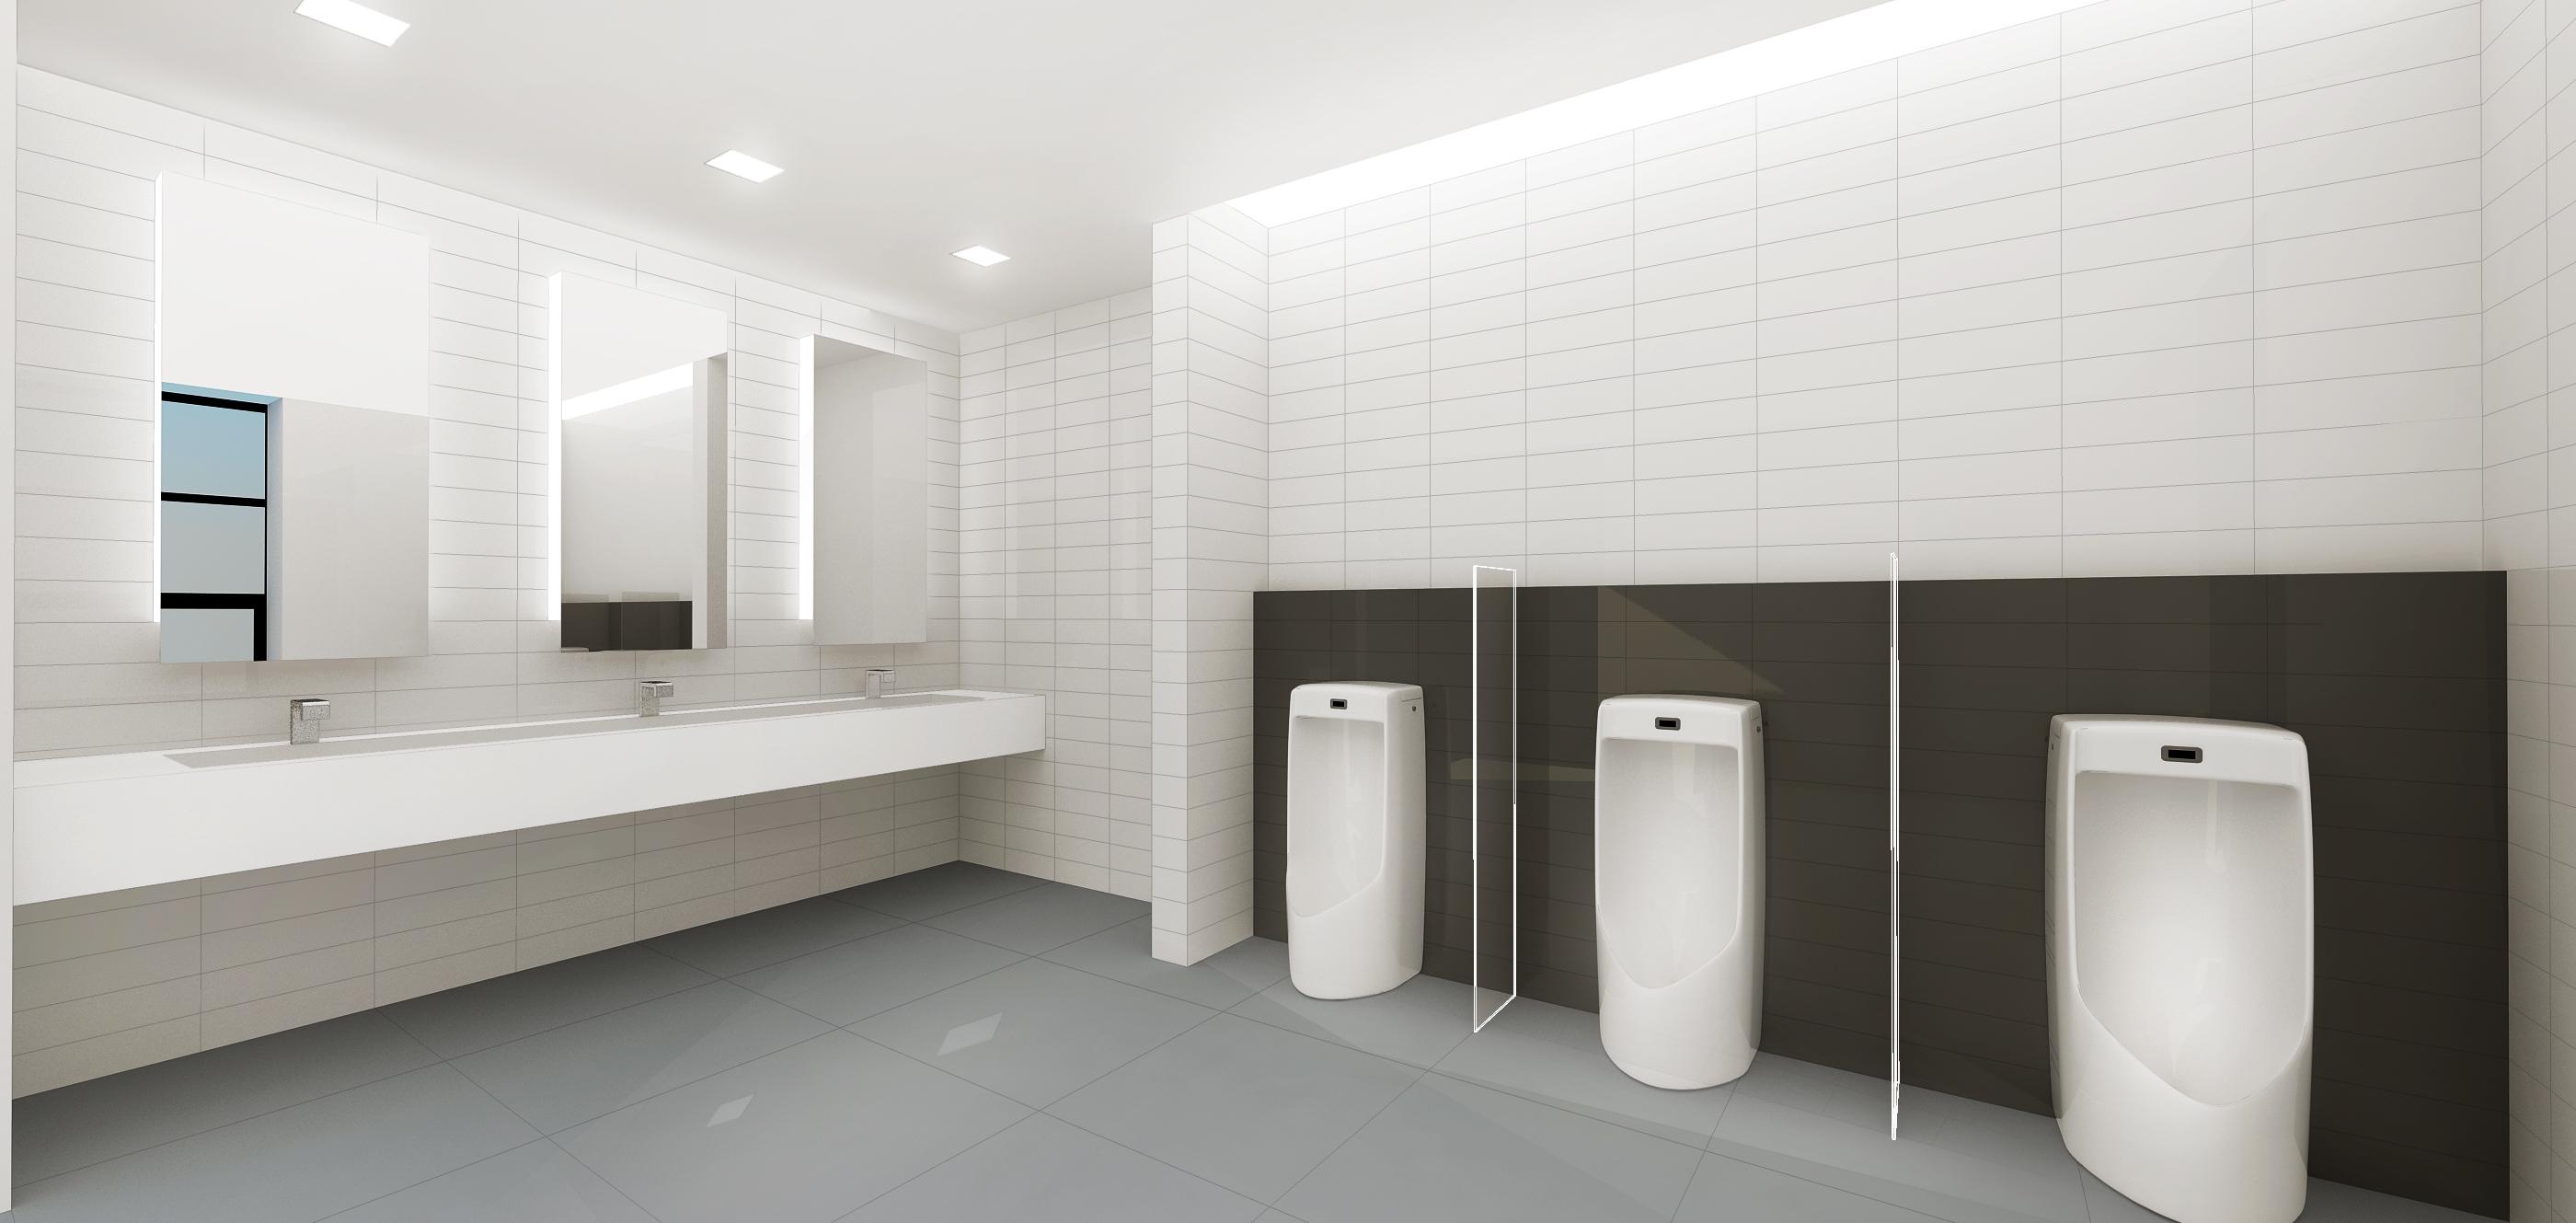 02_toilet men